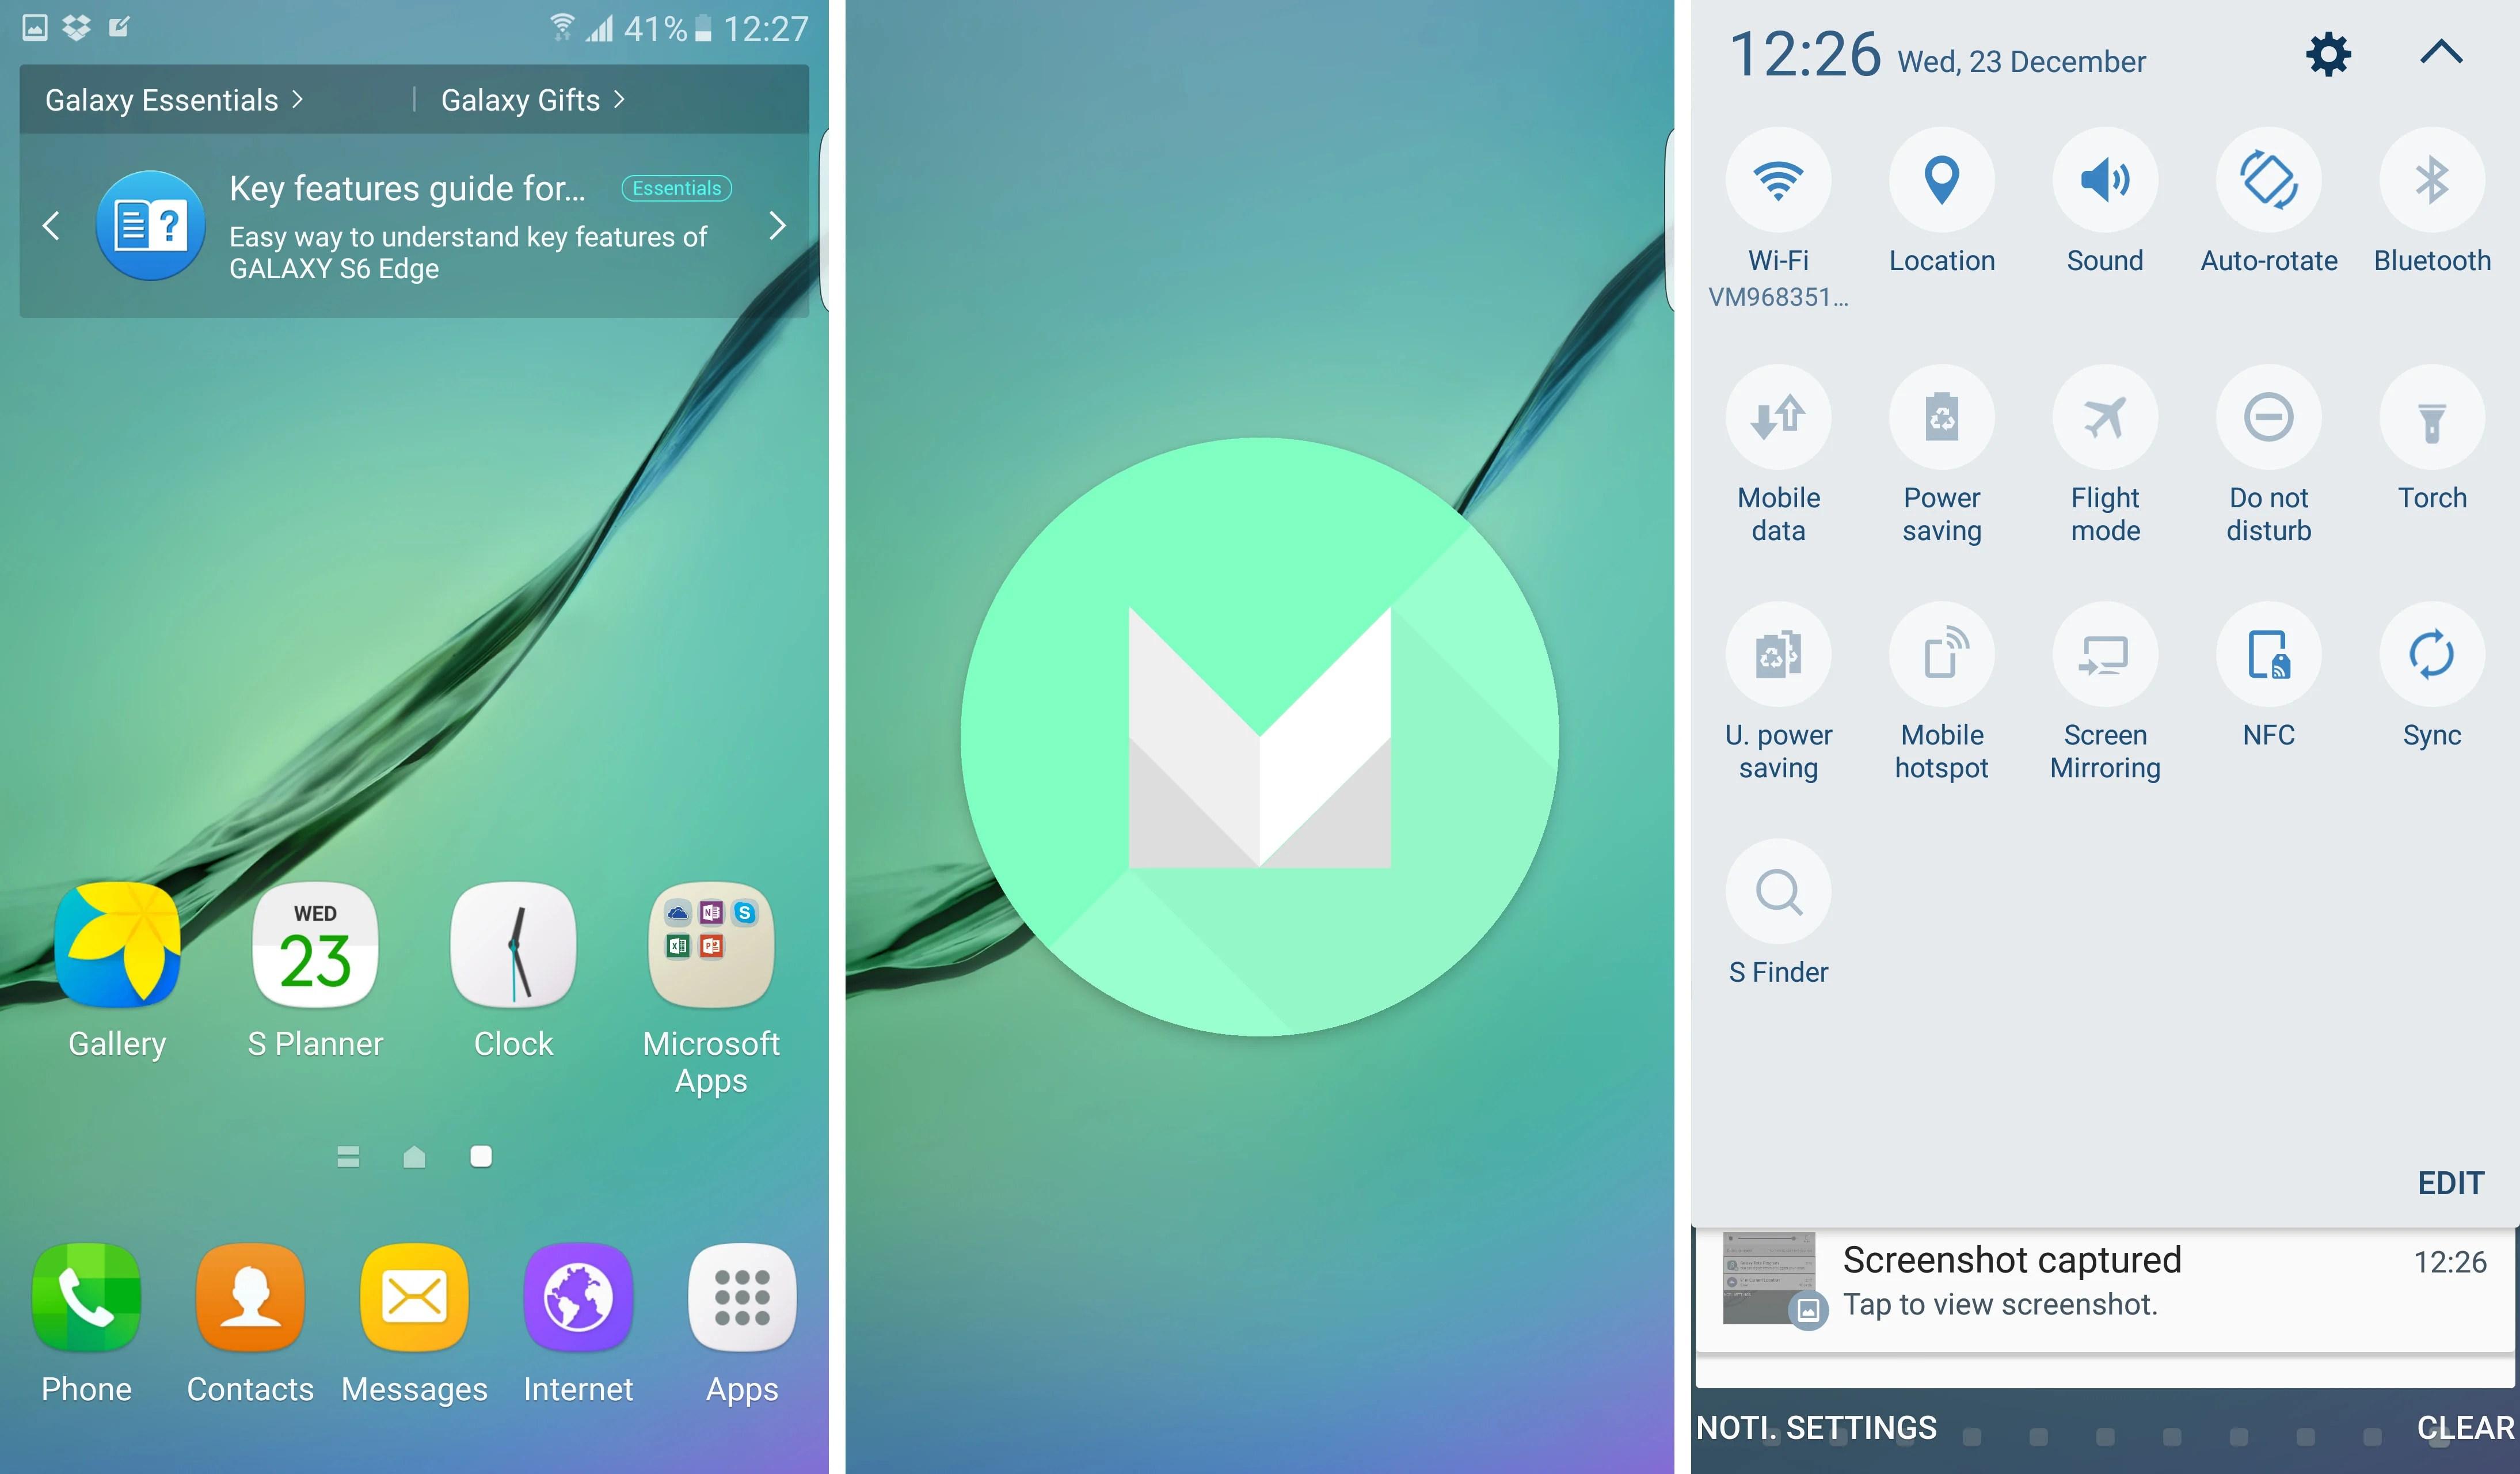 6 nouveautés apportées par Android 6.0 Marshmallow aux Samsung Galaxy S6 et S6 edge